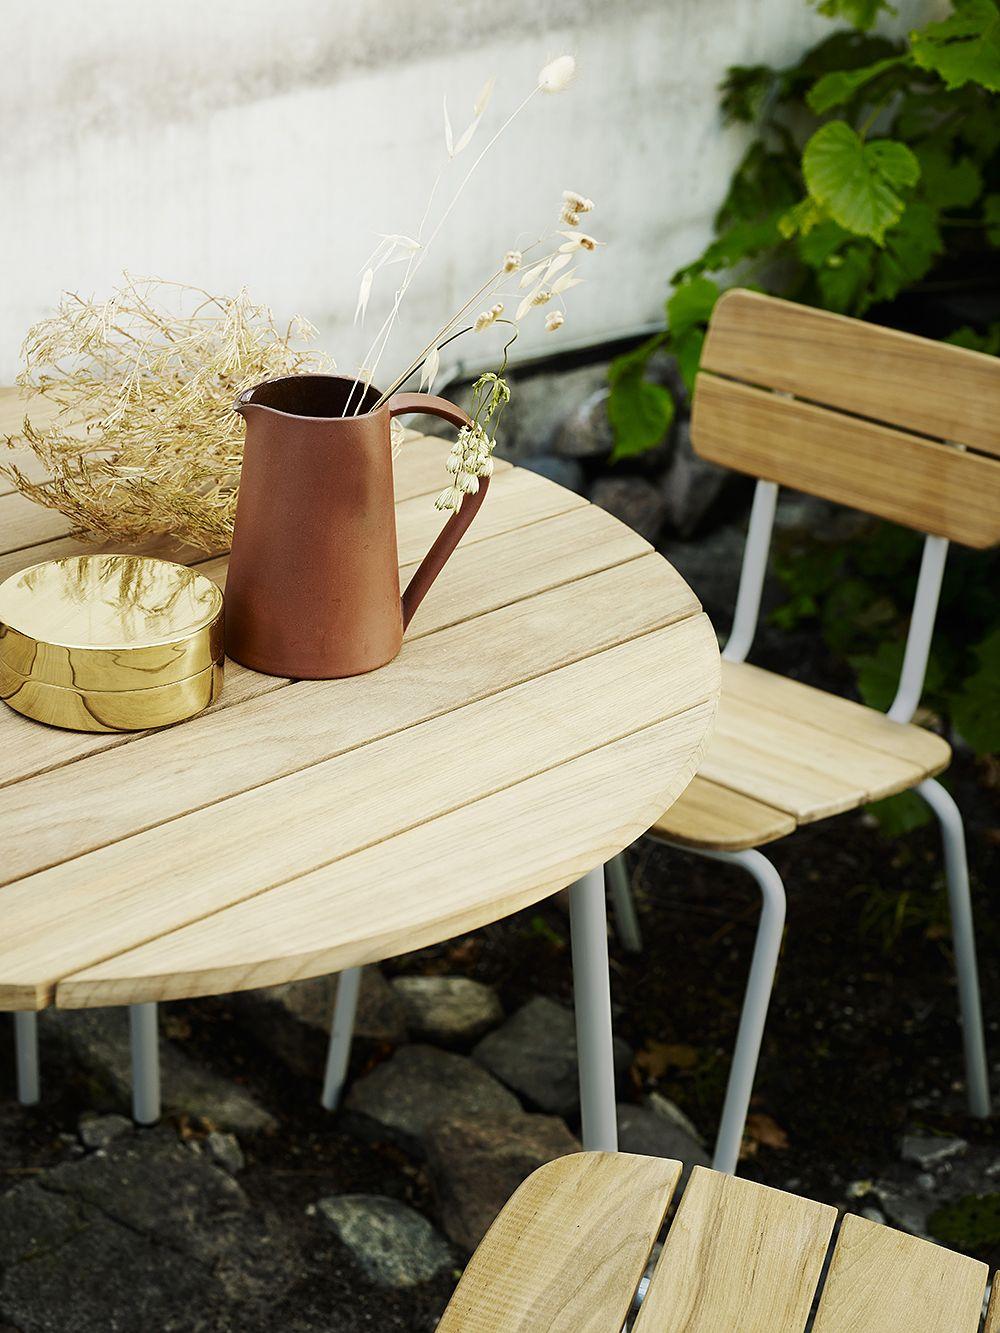 Skagerak's Flux outdoor furniture